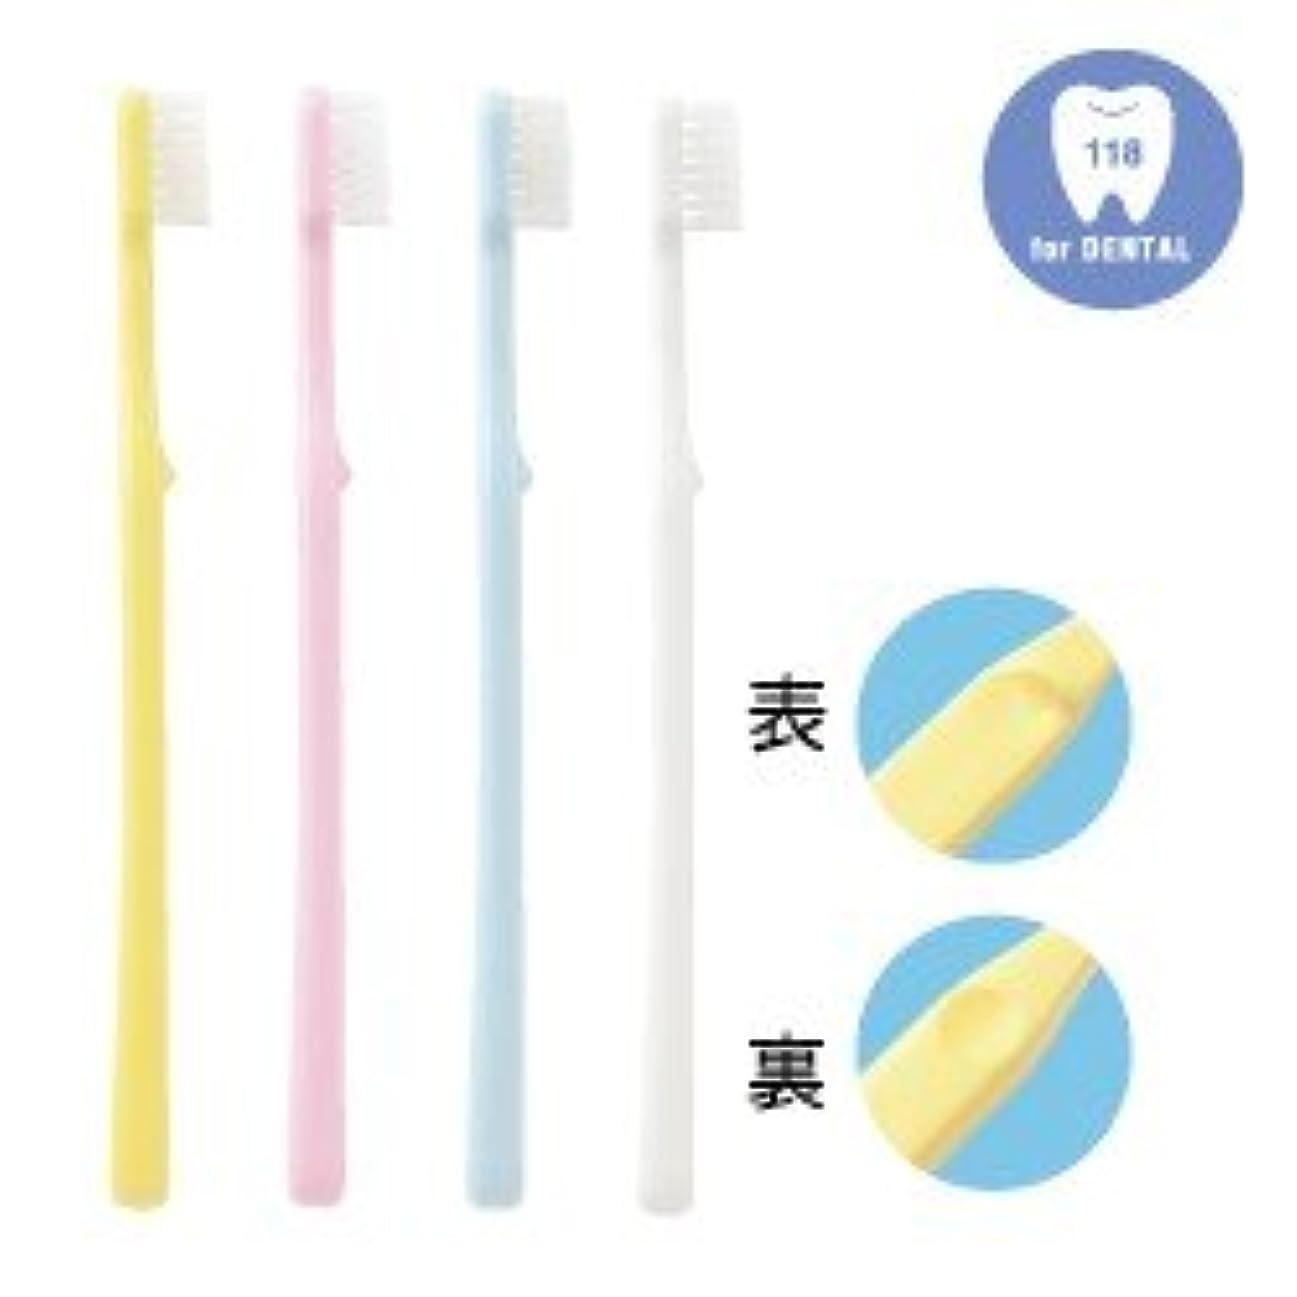 弱まる債権者専ら歯科専用歯ブラシ フォーカス 子供用 118シリーズ M(ふつう) 20本